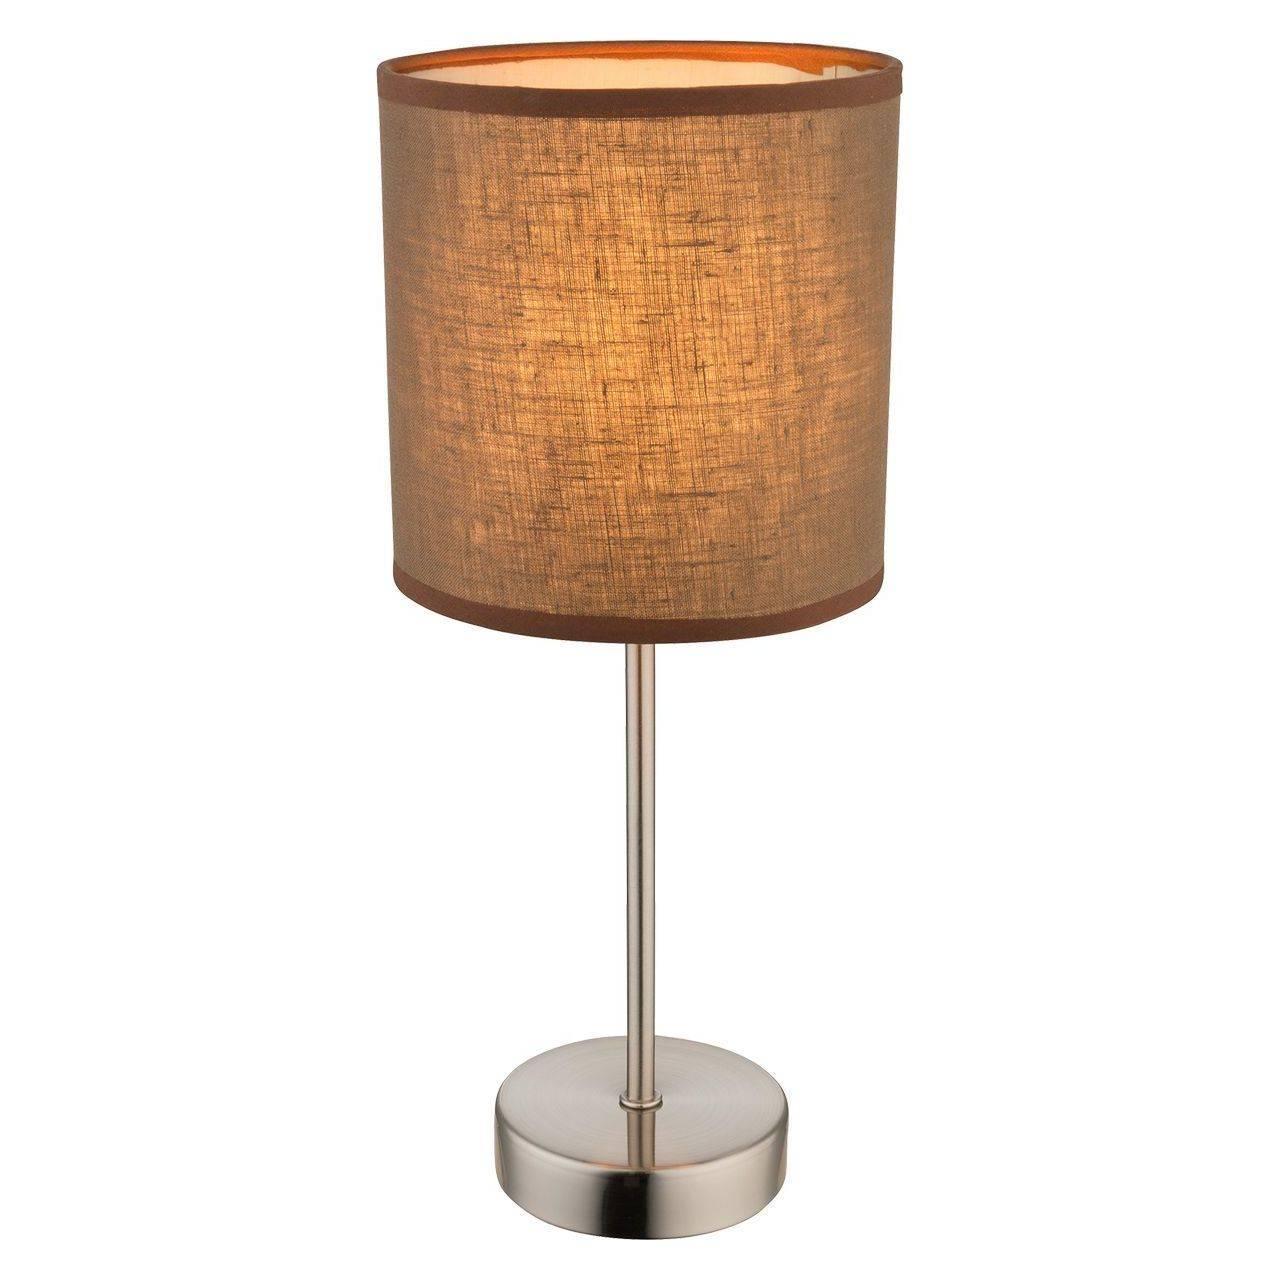 Настольная лампа Globo Betty 15186T настольная лампа globo betty gb 15186t1